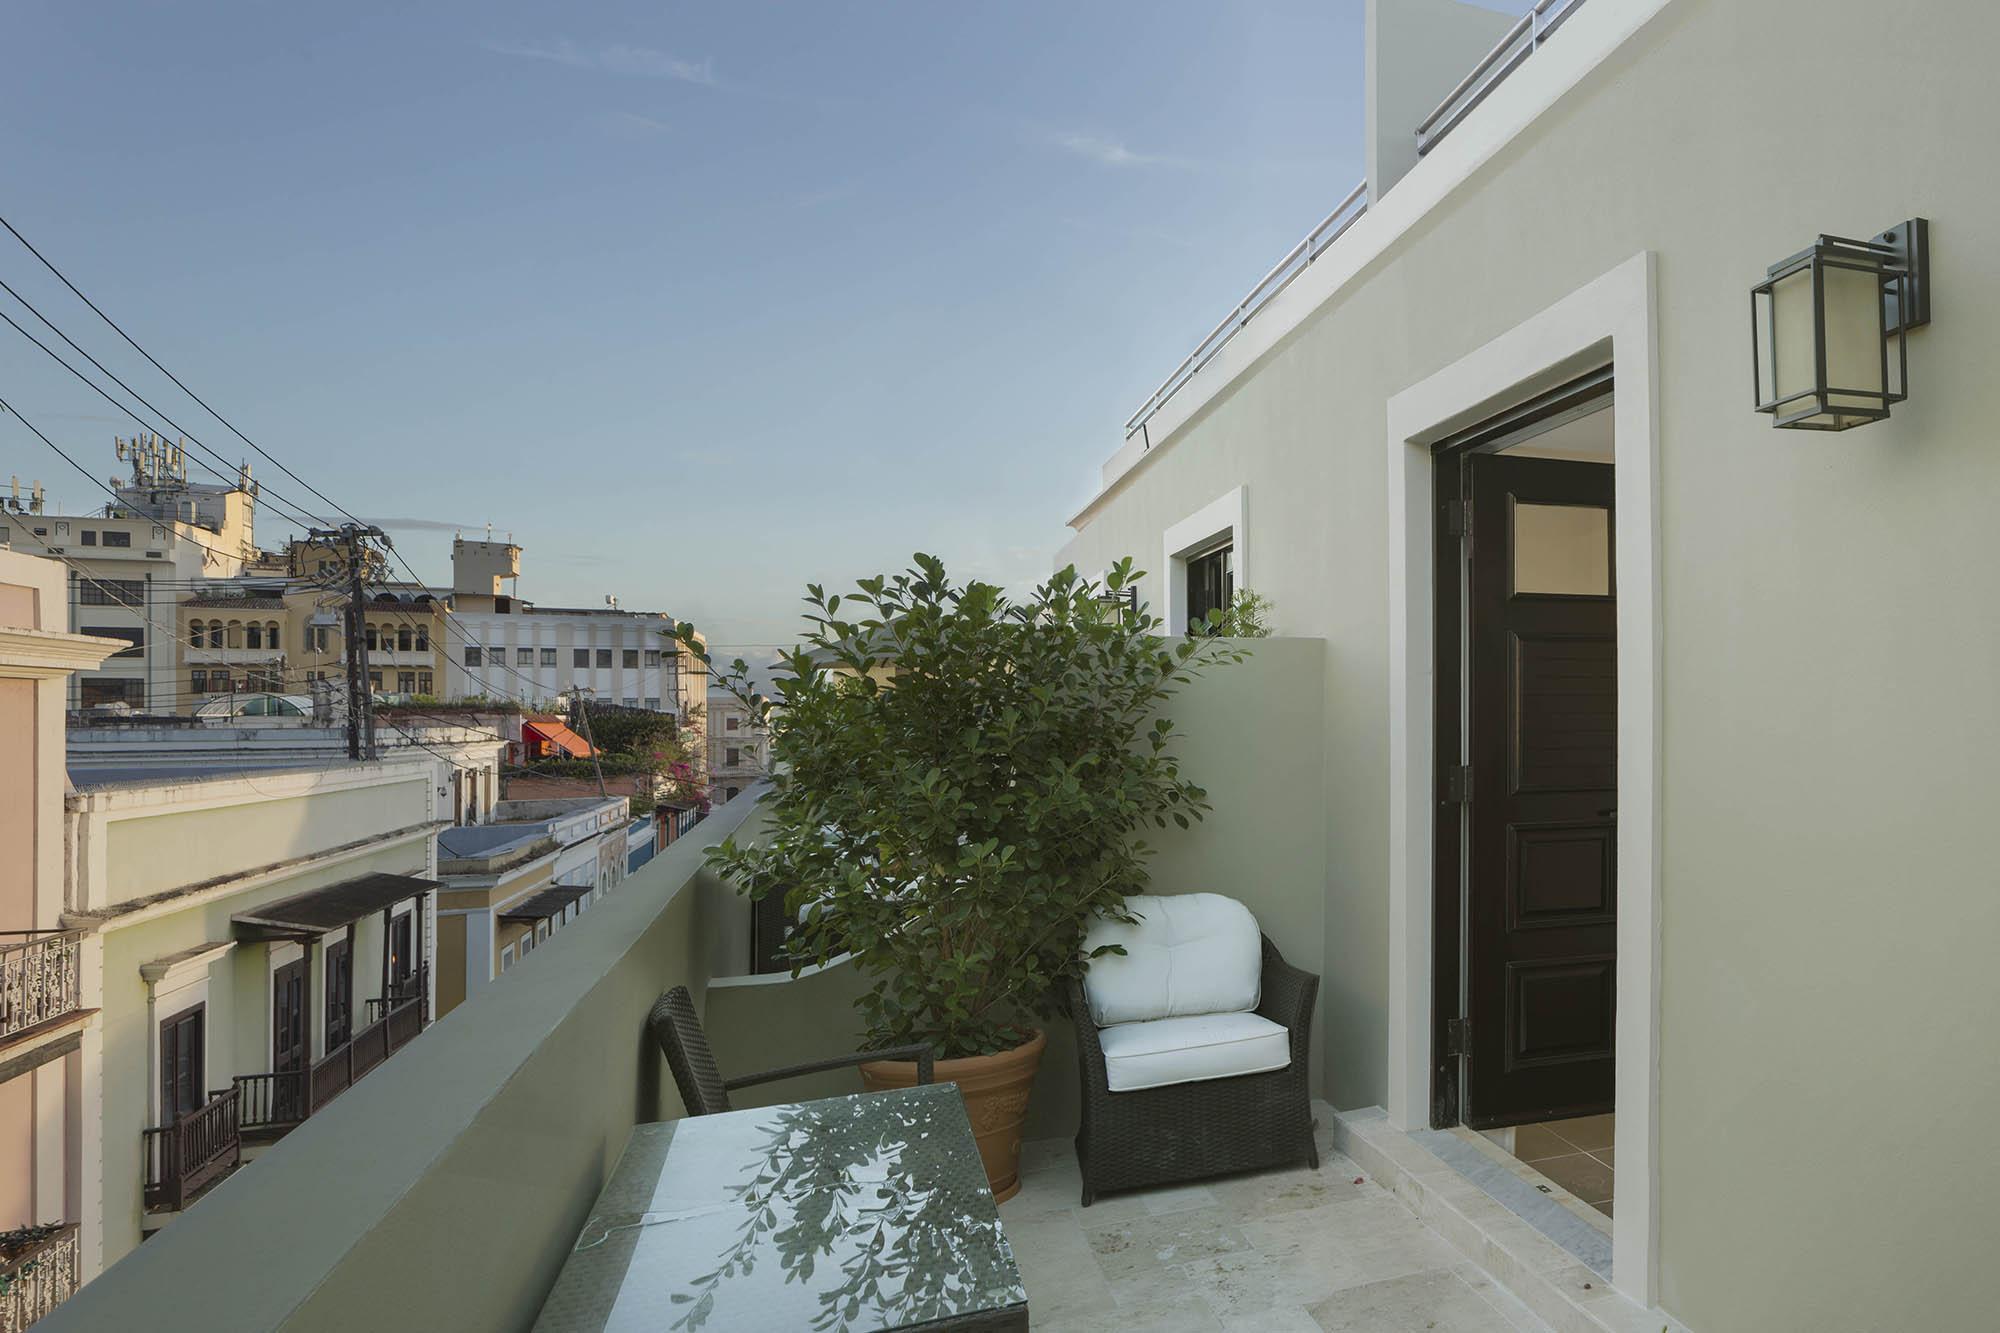 TerraceSuite_02.jpg